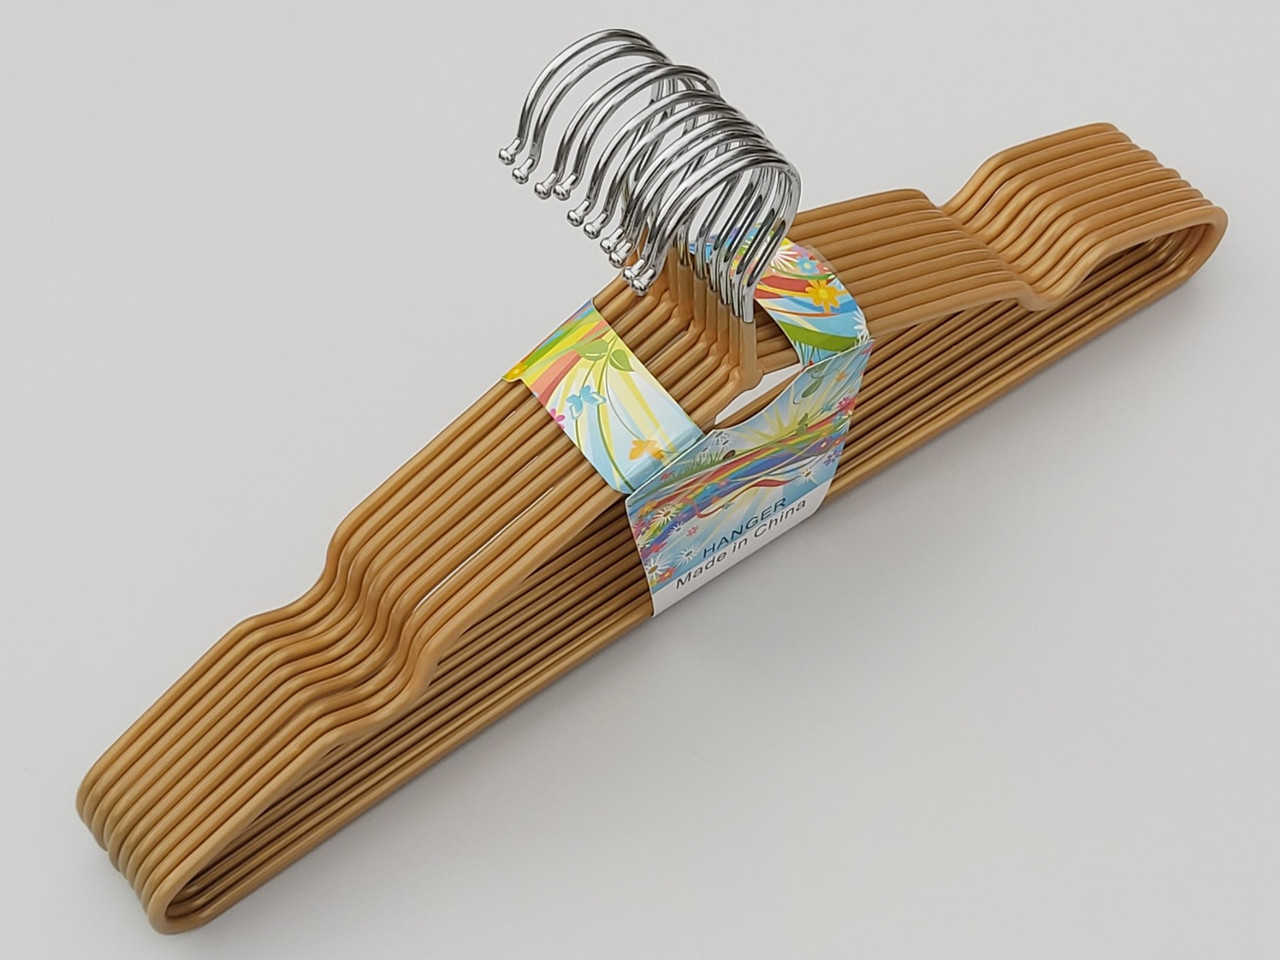 Плечики металлические в силиконовом покрытии золотого цвета, 40 см,10 штук в упаковке